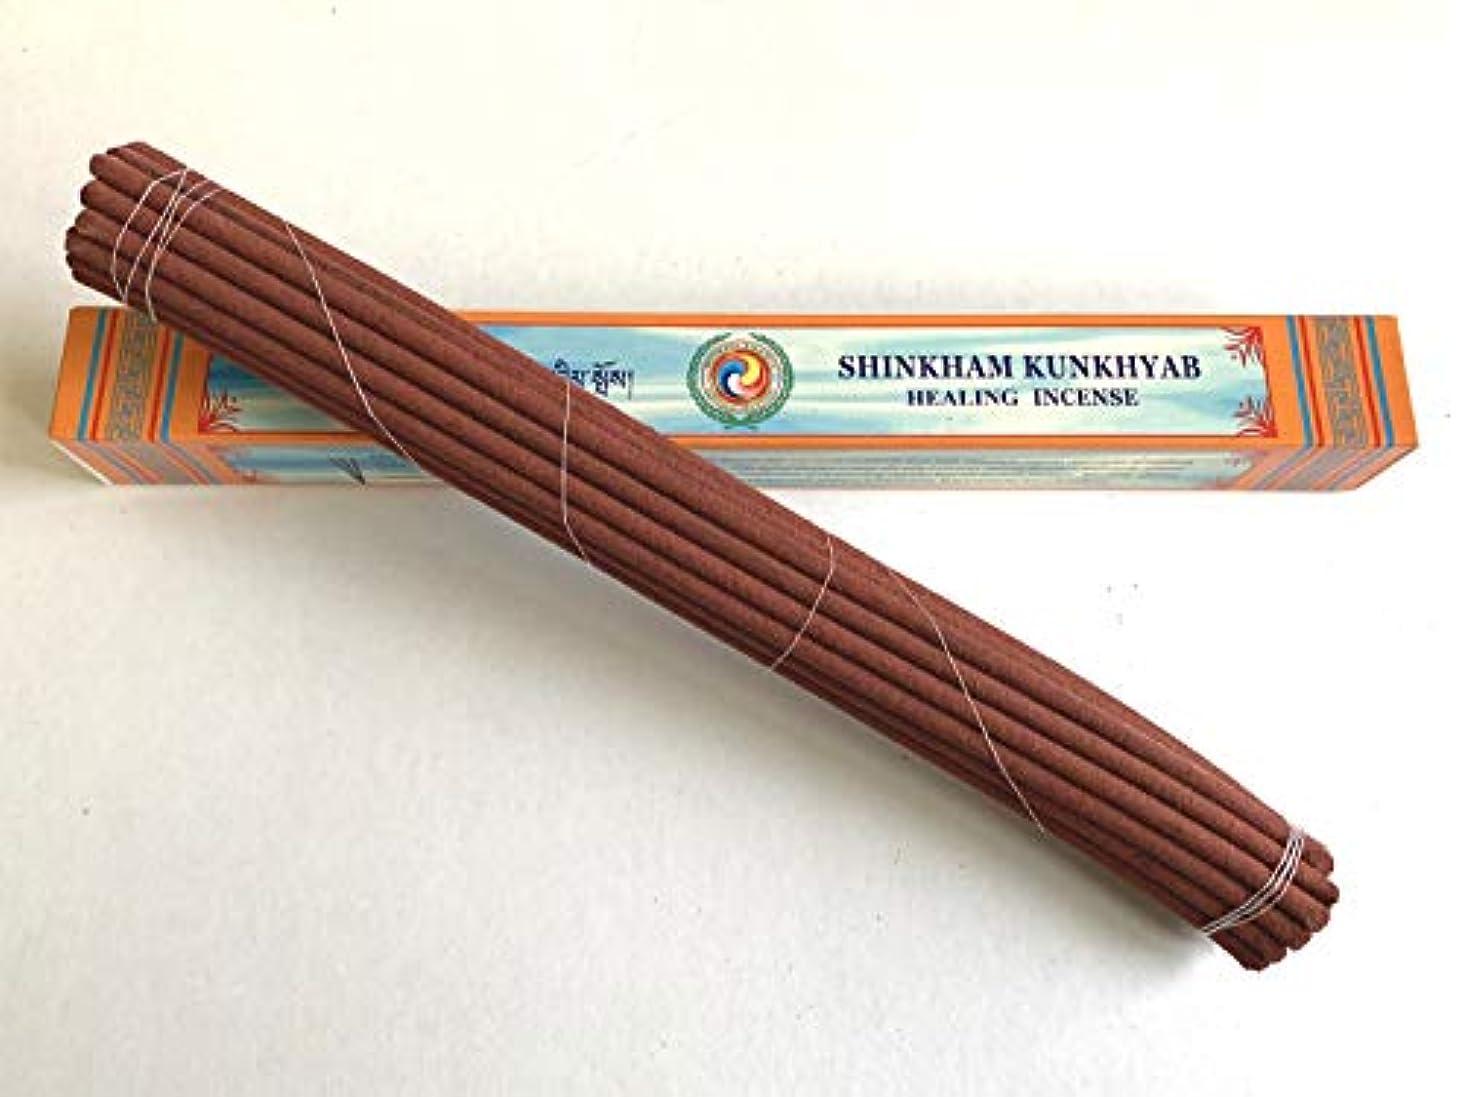 解決するりふざけたBonpo Tsang Agarbathi Factory/シンカムクンキャブ ロング(天堂藏香) SHINKHAM KUNKHYAB(LONG) 約25本入り